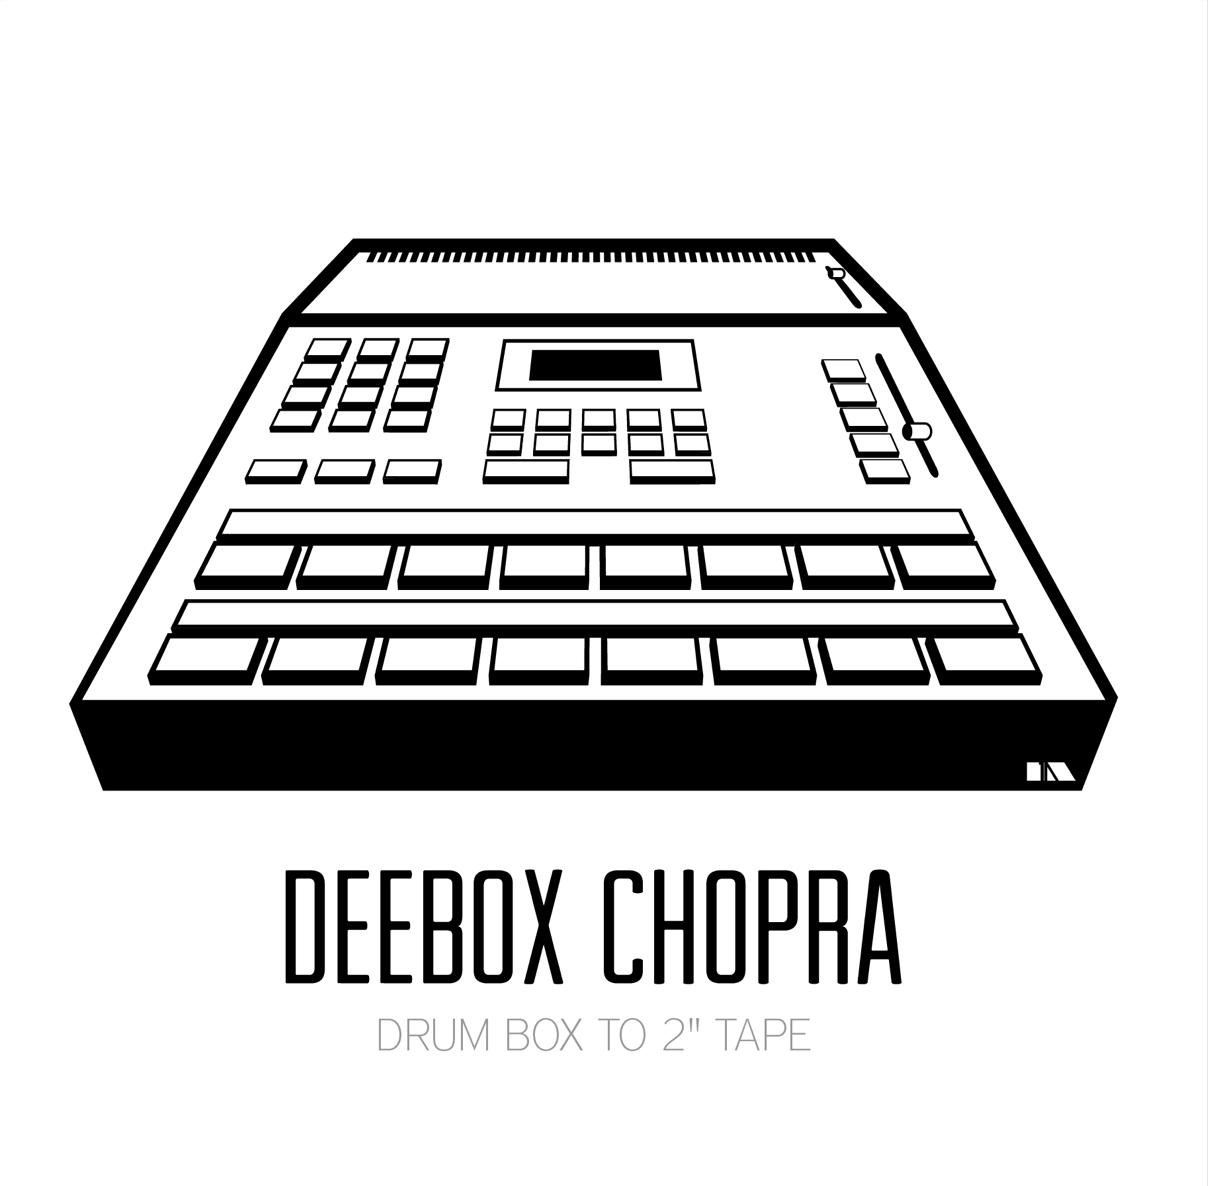 deebox-chopra-drum-samples